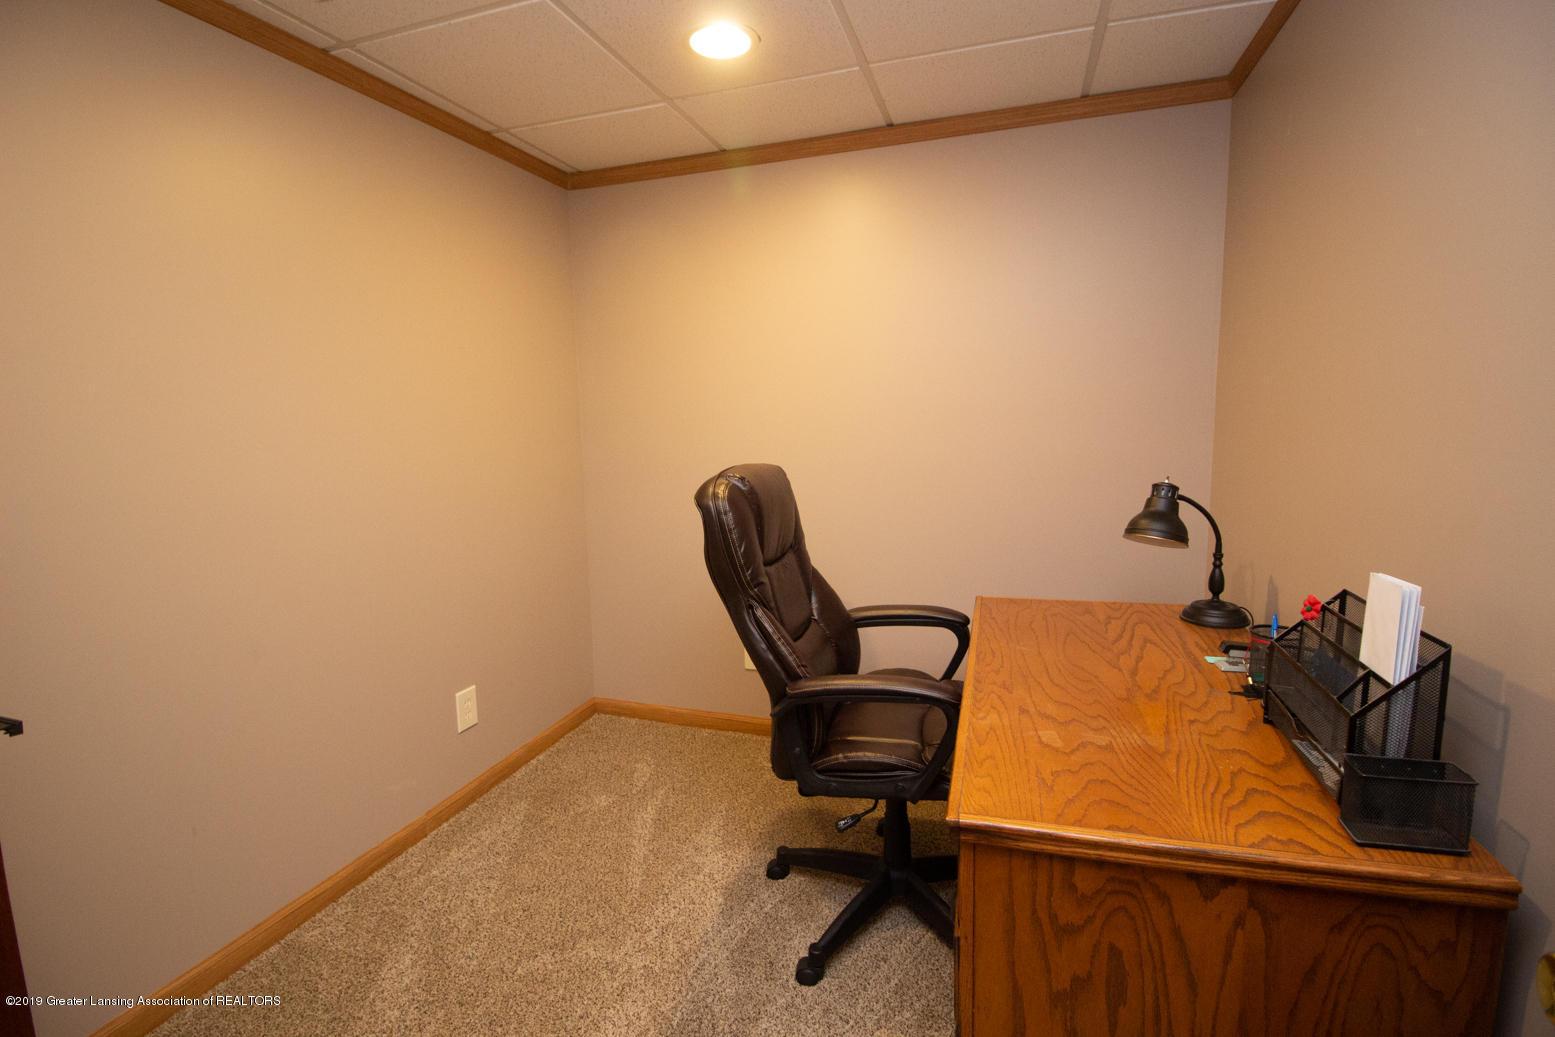 2021 Secretariat Ln - Office - 16